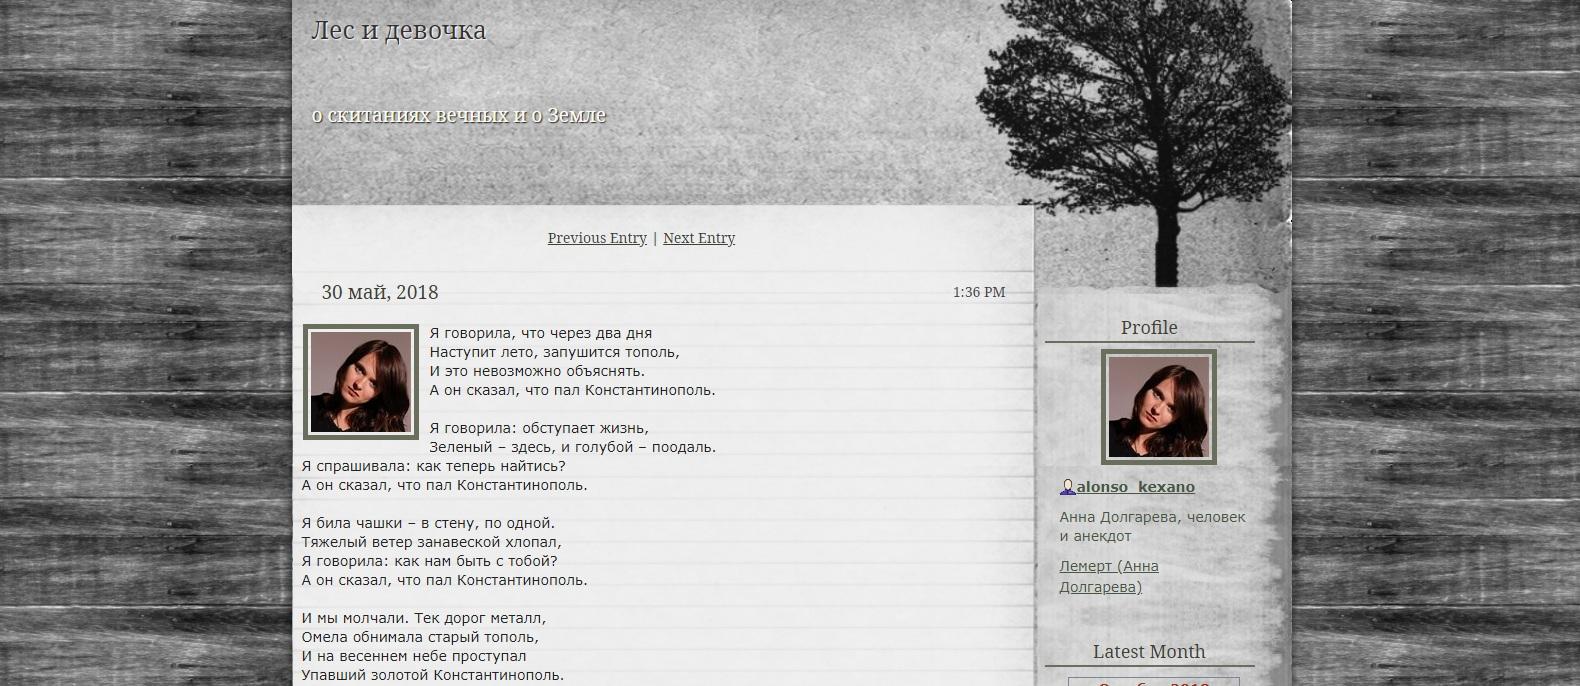 Анна Долгарева: «О скитаниях вечных и о Земле» (30.05.18)